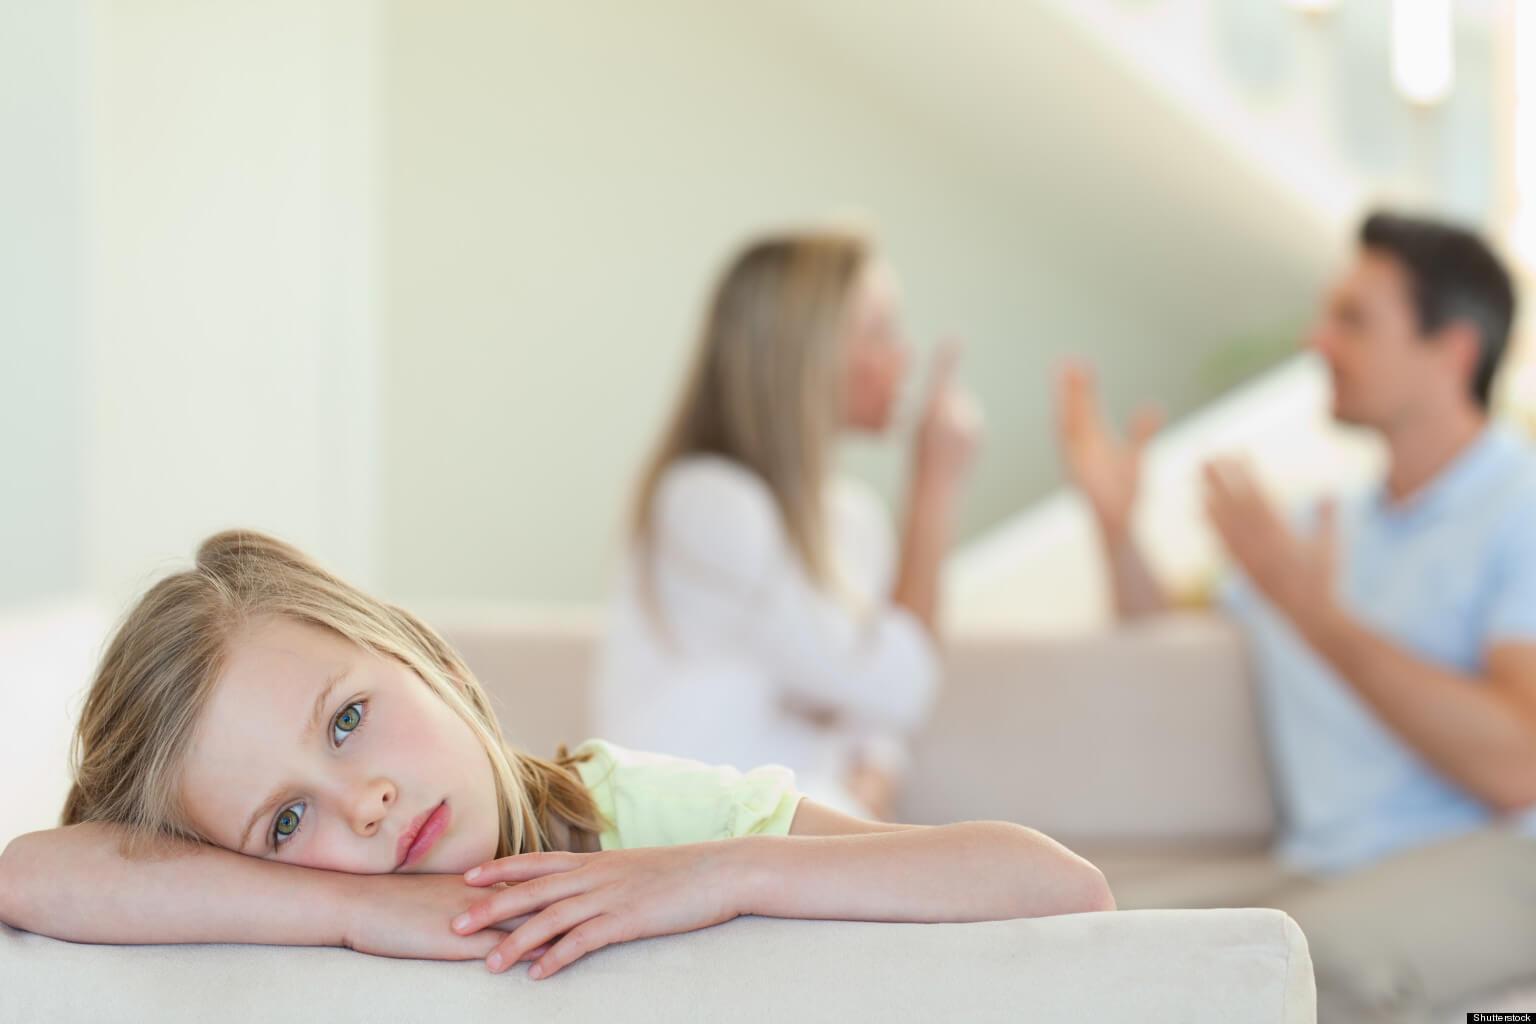 آسیب به سیستم ایمنی بدن فرزندان با طلاق والدین